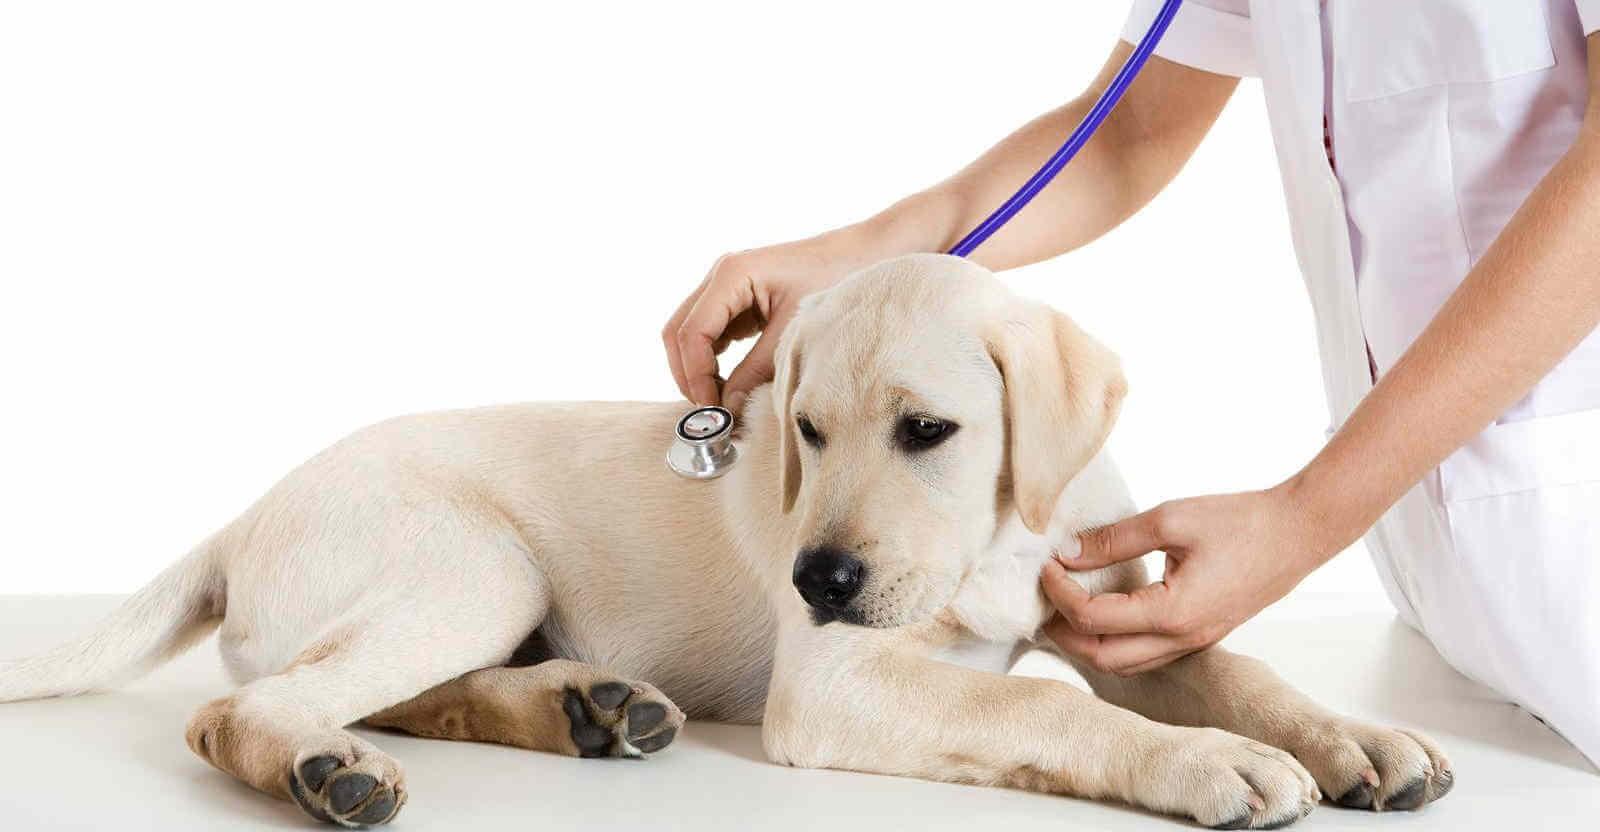 Đưa chó tới các bác sĩ thú y để trị tình trạng biếng ăn.